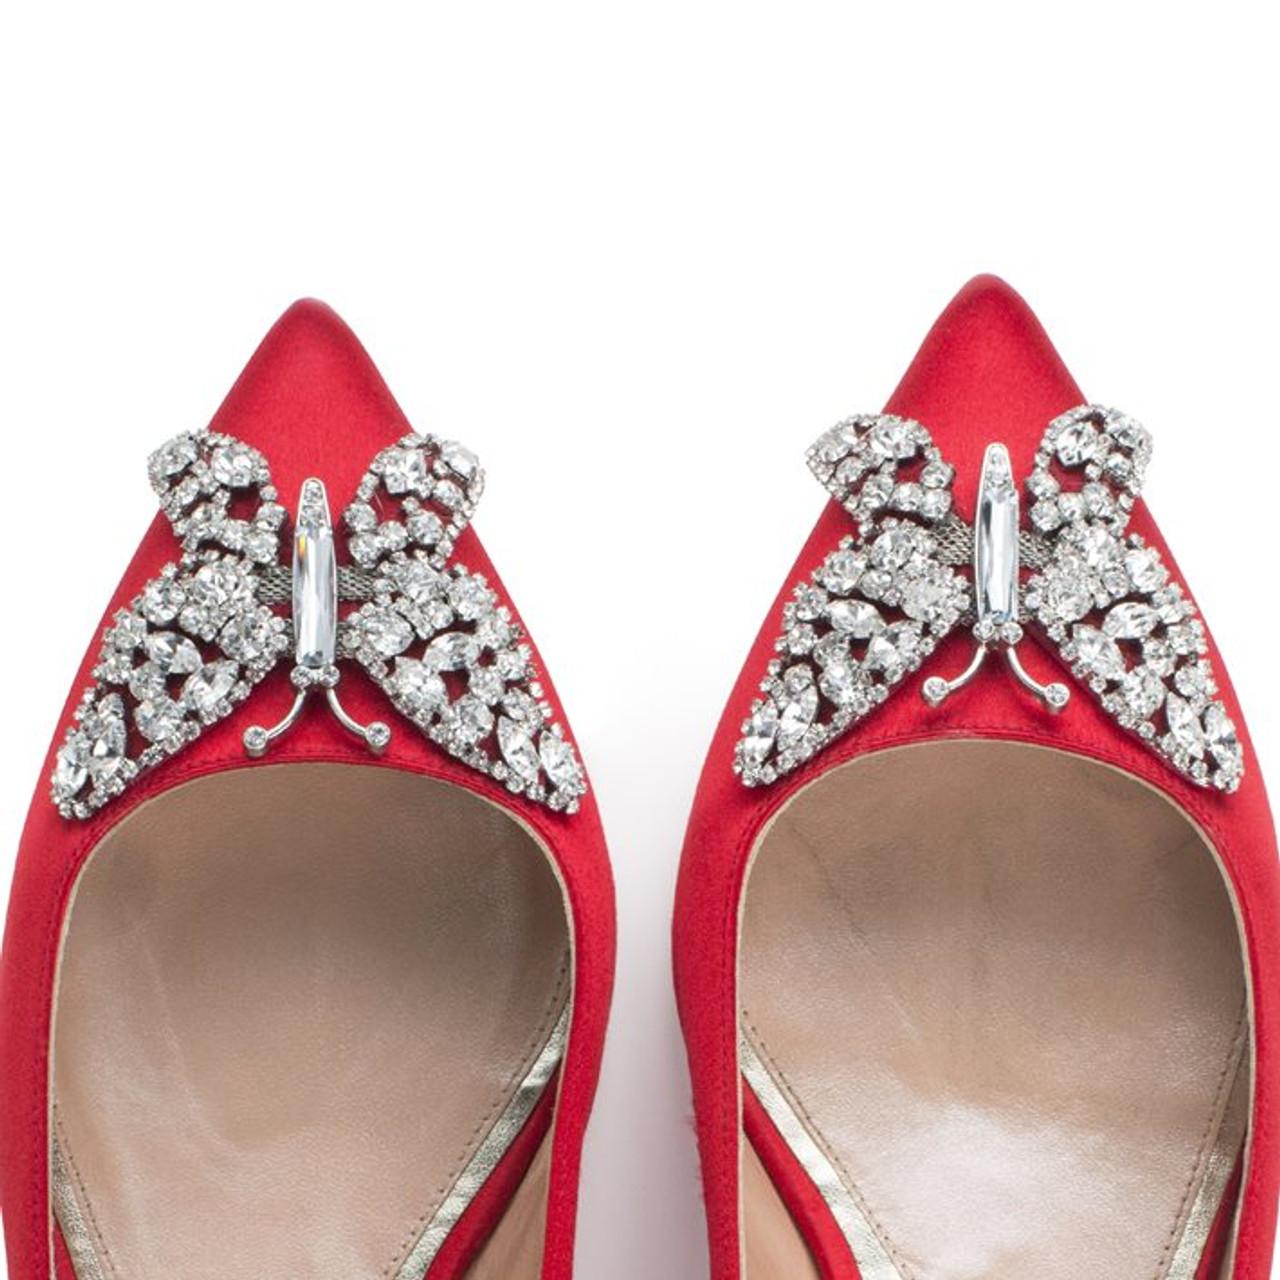 Eliana Ballerina Flat Pointy Red Satin